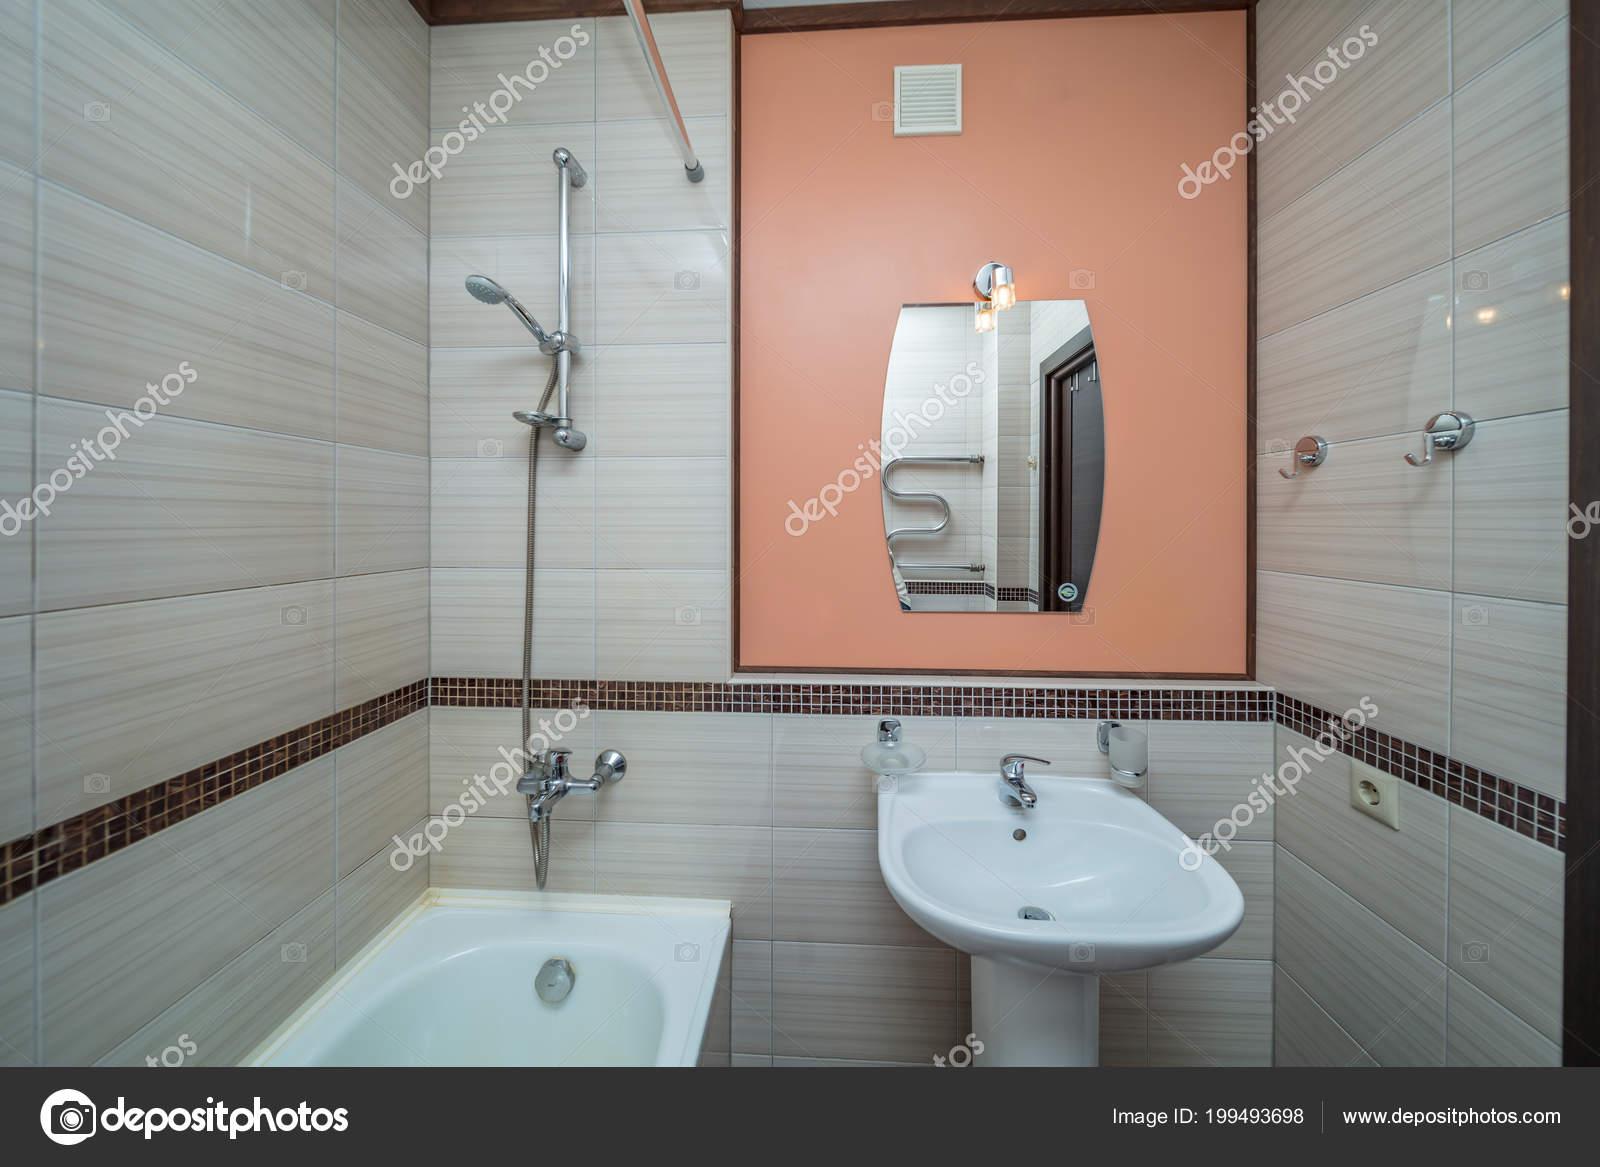 Piastrelle beige piccolo bagno con vasca lavandino u2014 foto stock